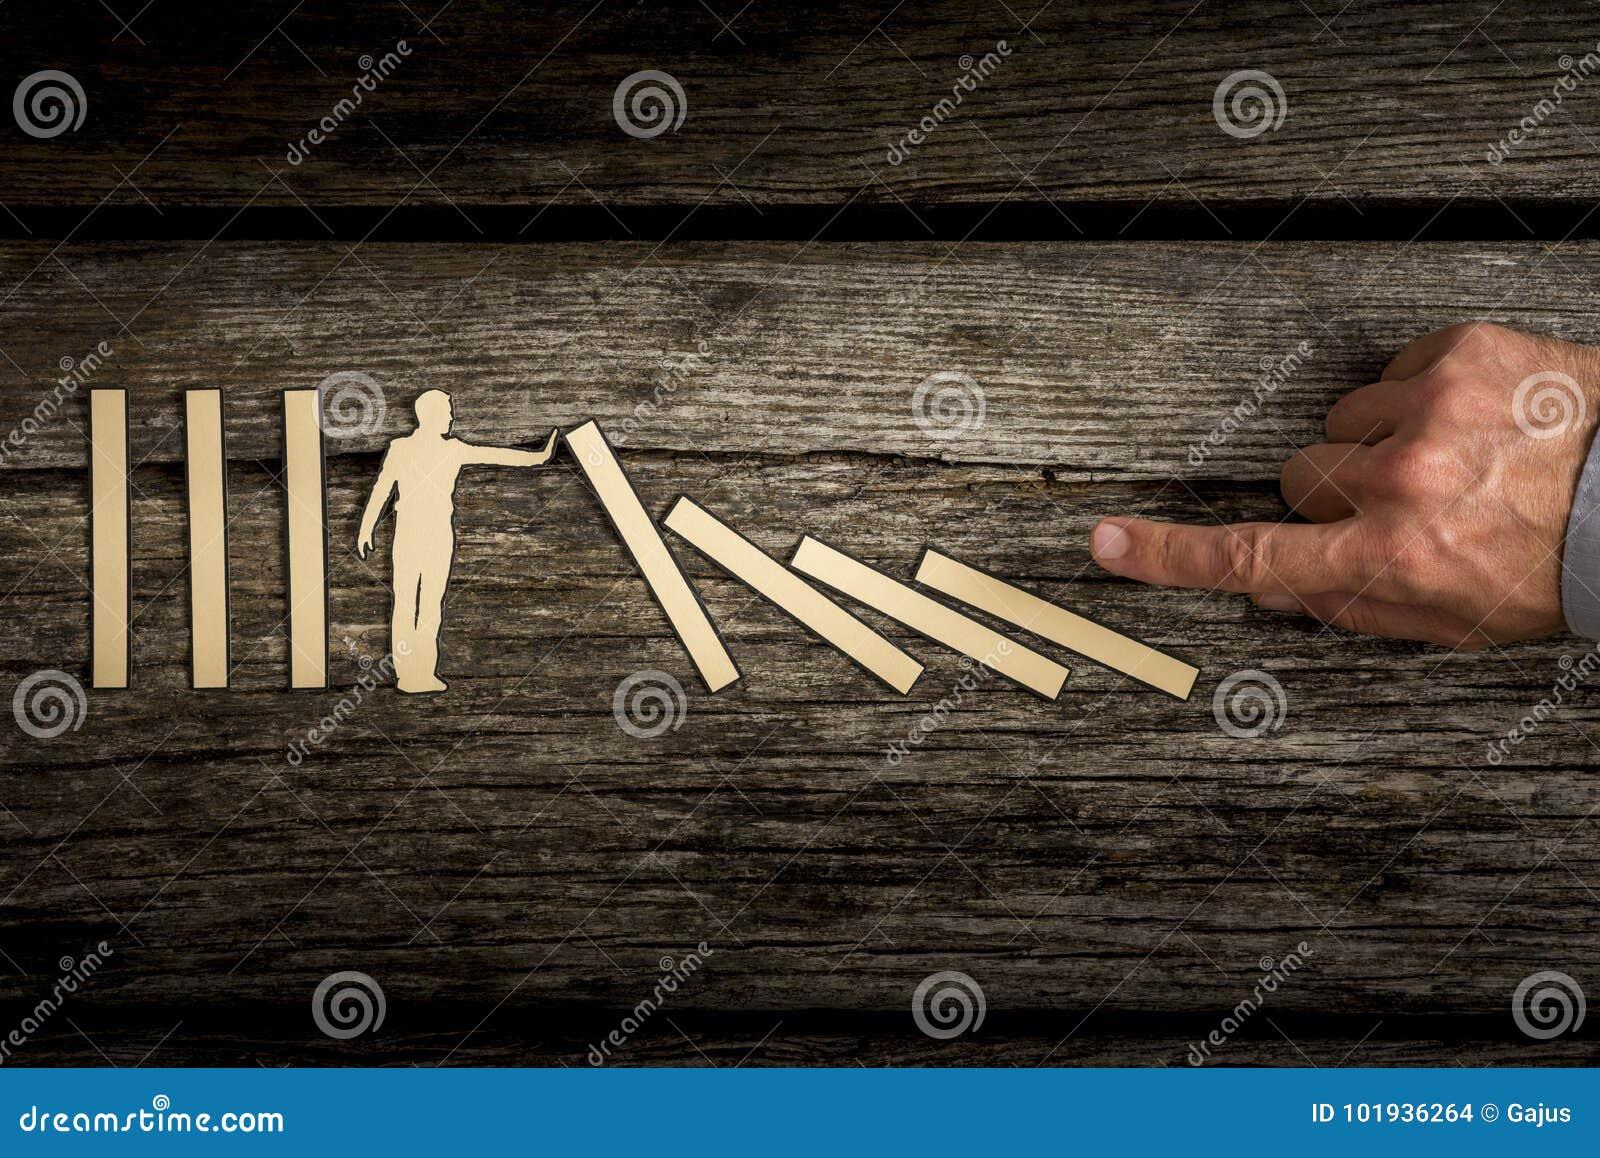 El recorte de un hombre que soporta dominós caidos como ser humano empuja manualmente